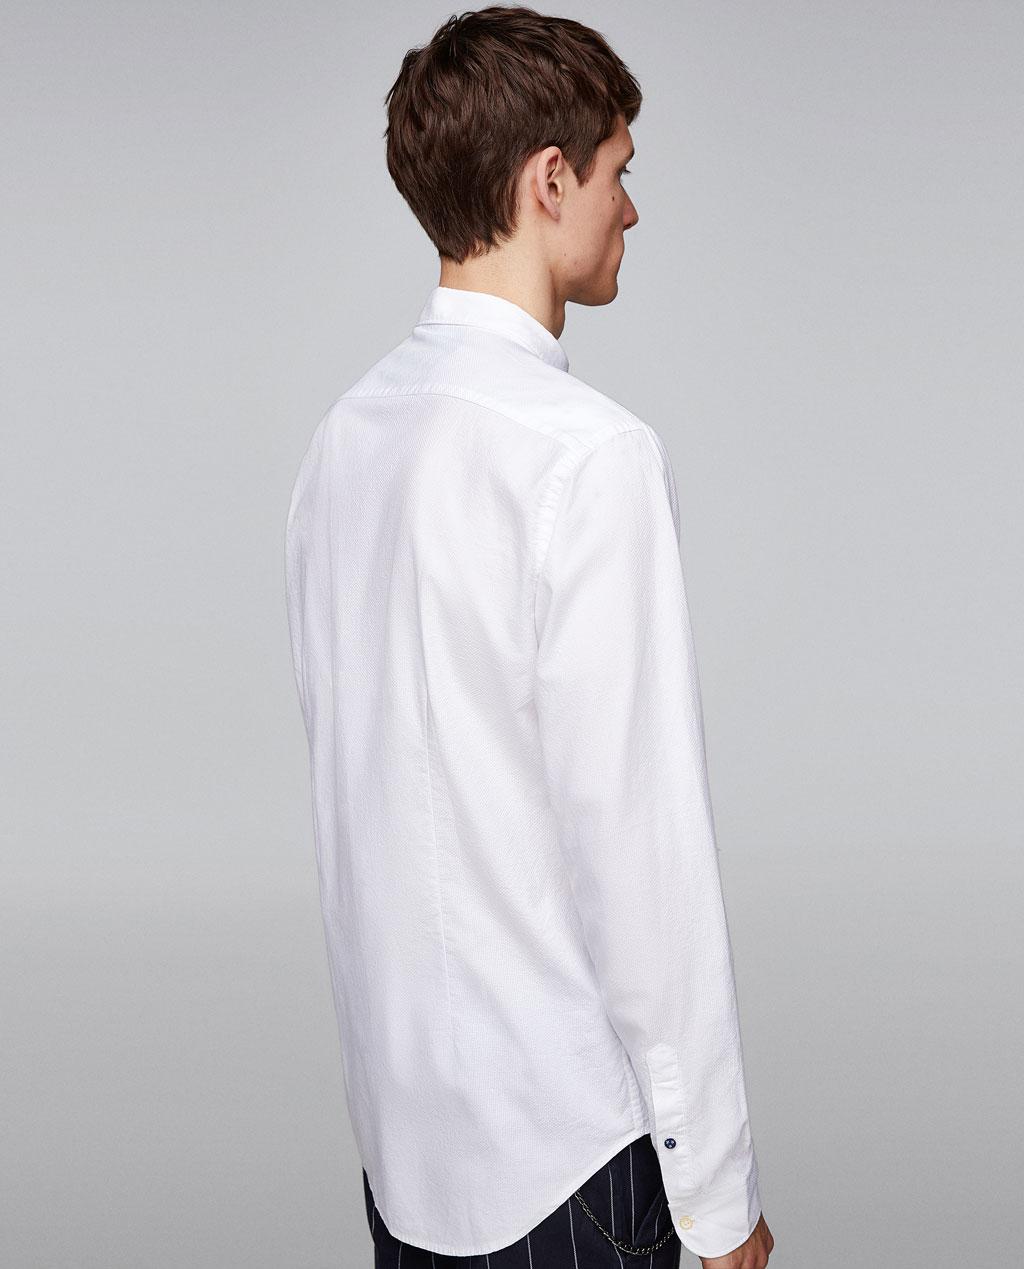 Thời trang nam Zara  24063 - ảnh 5